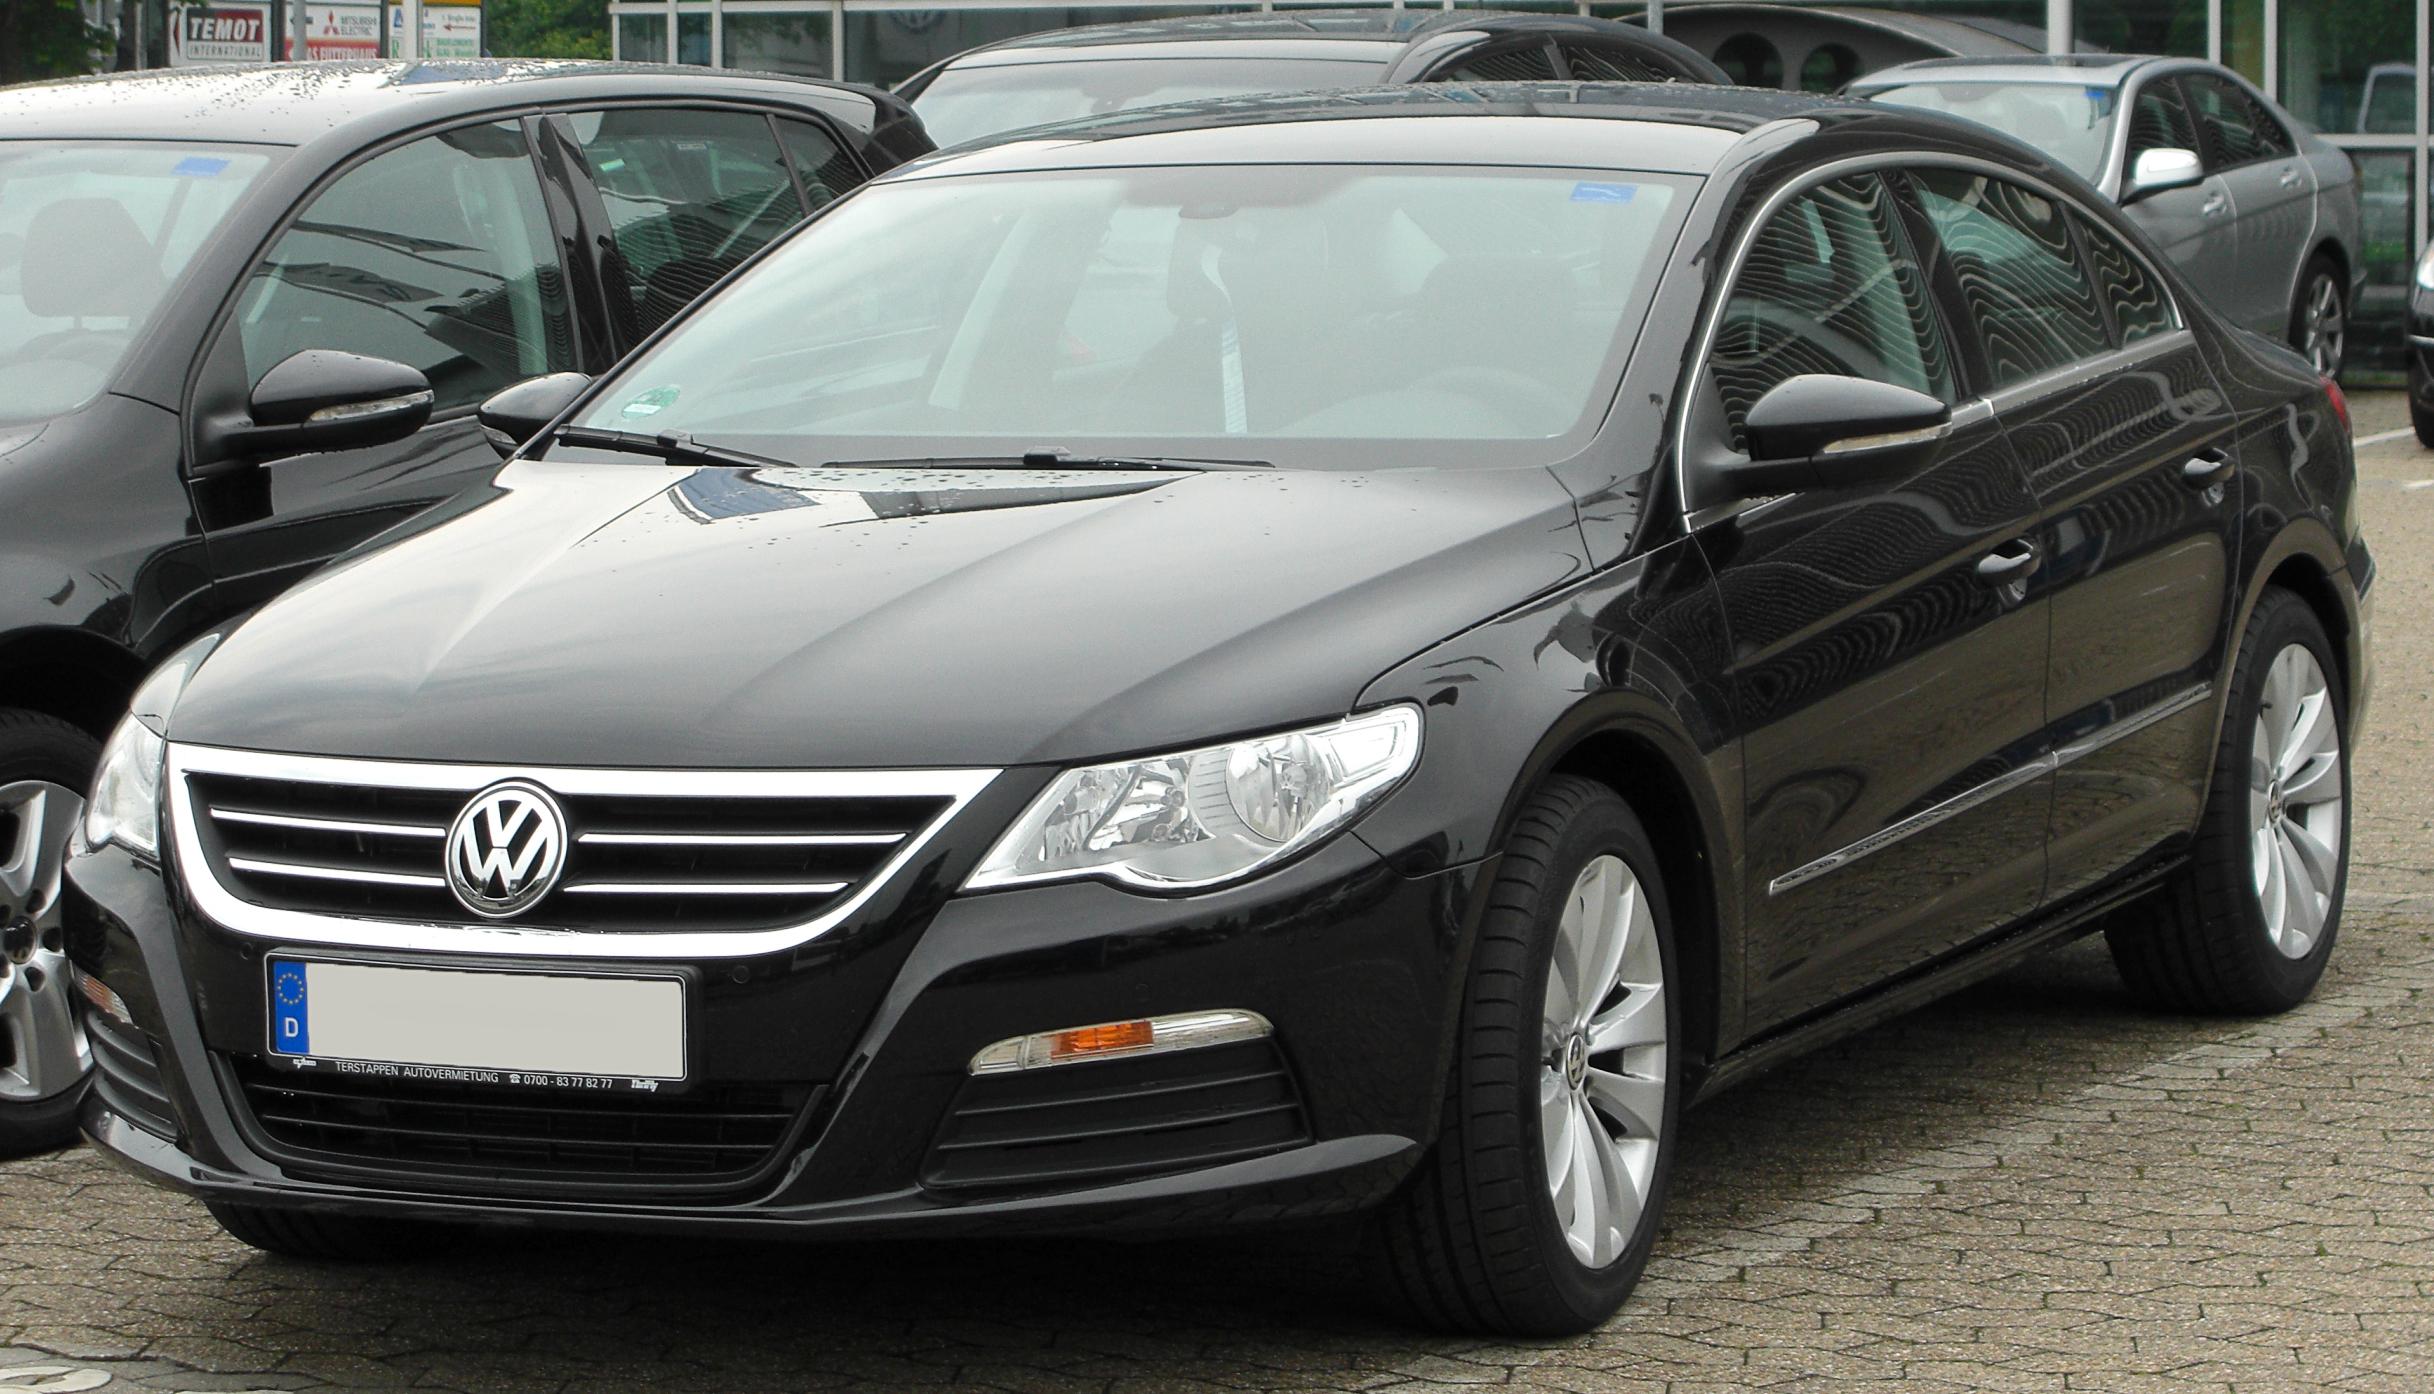 File:VW Passat CC front 20100612.jpg